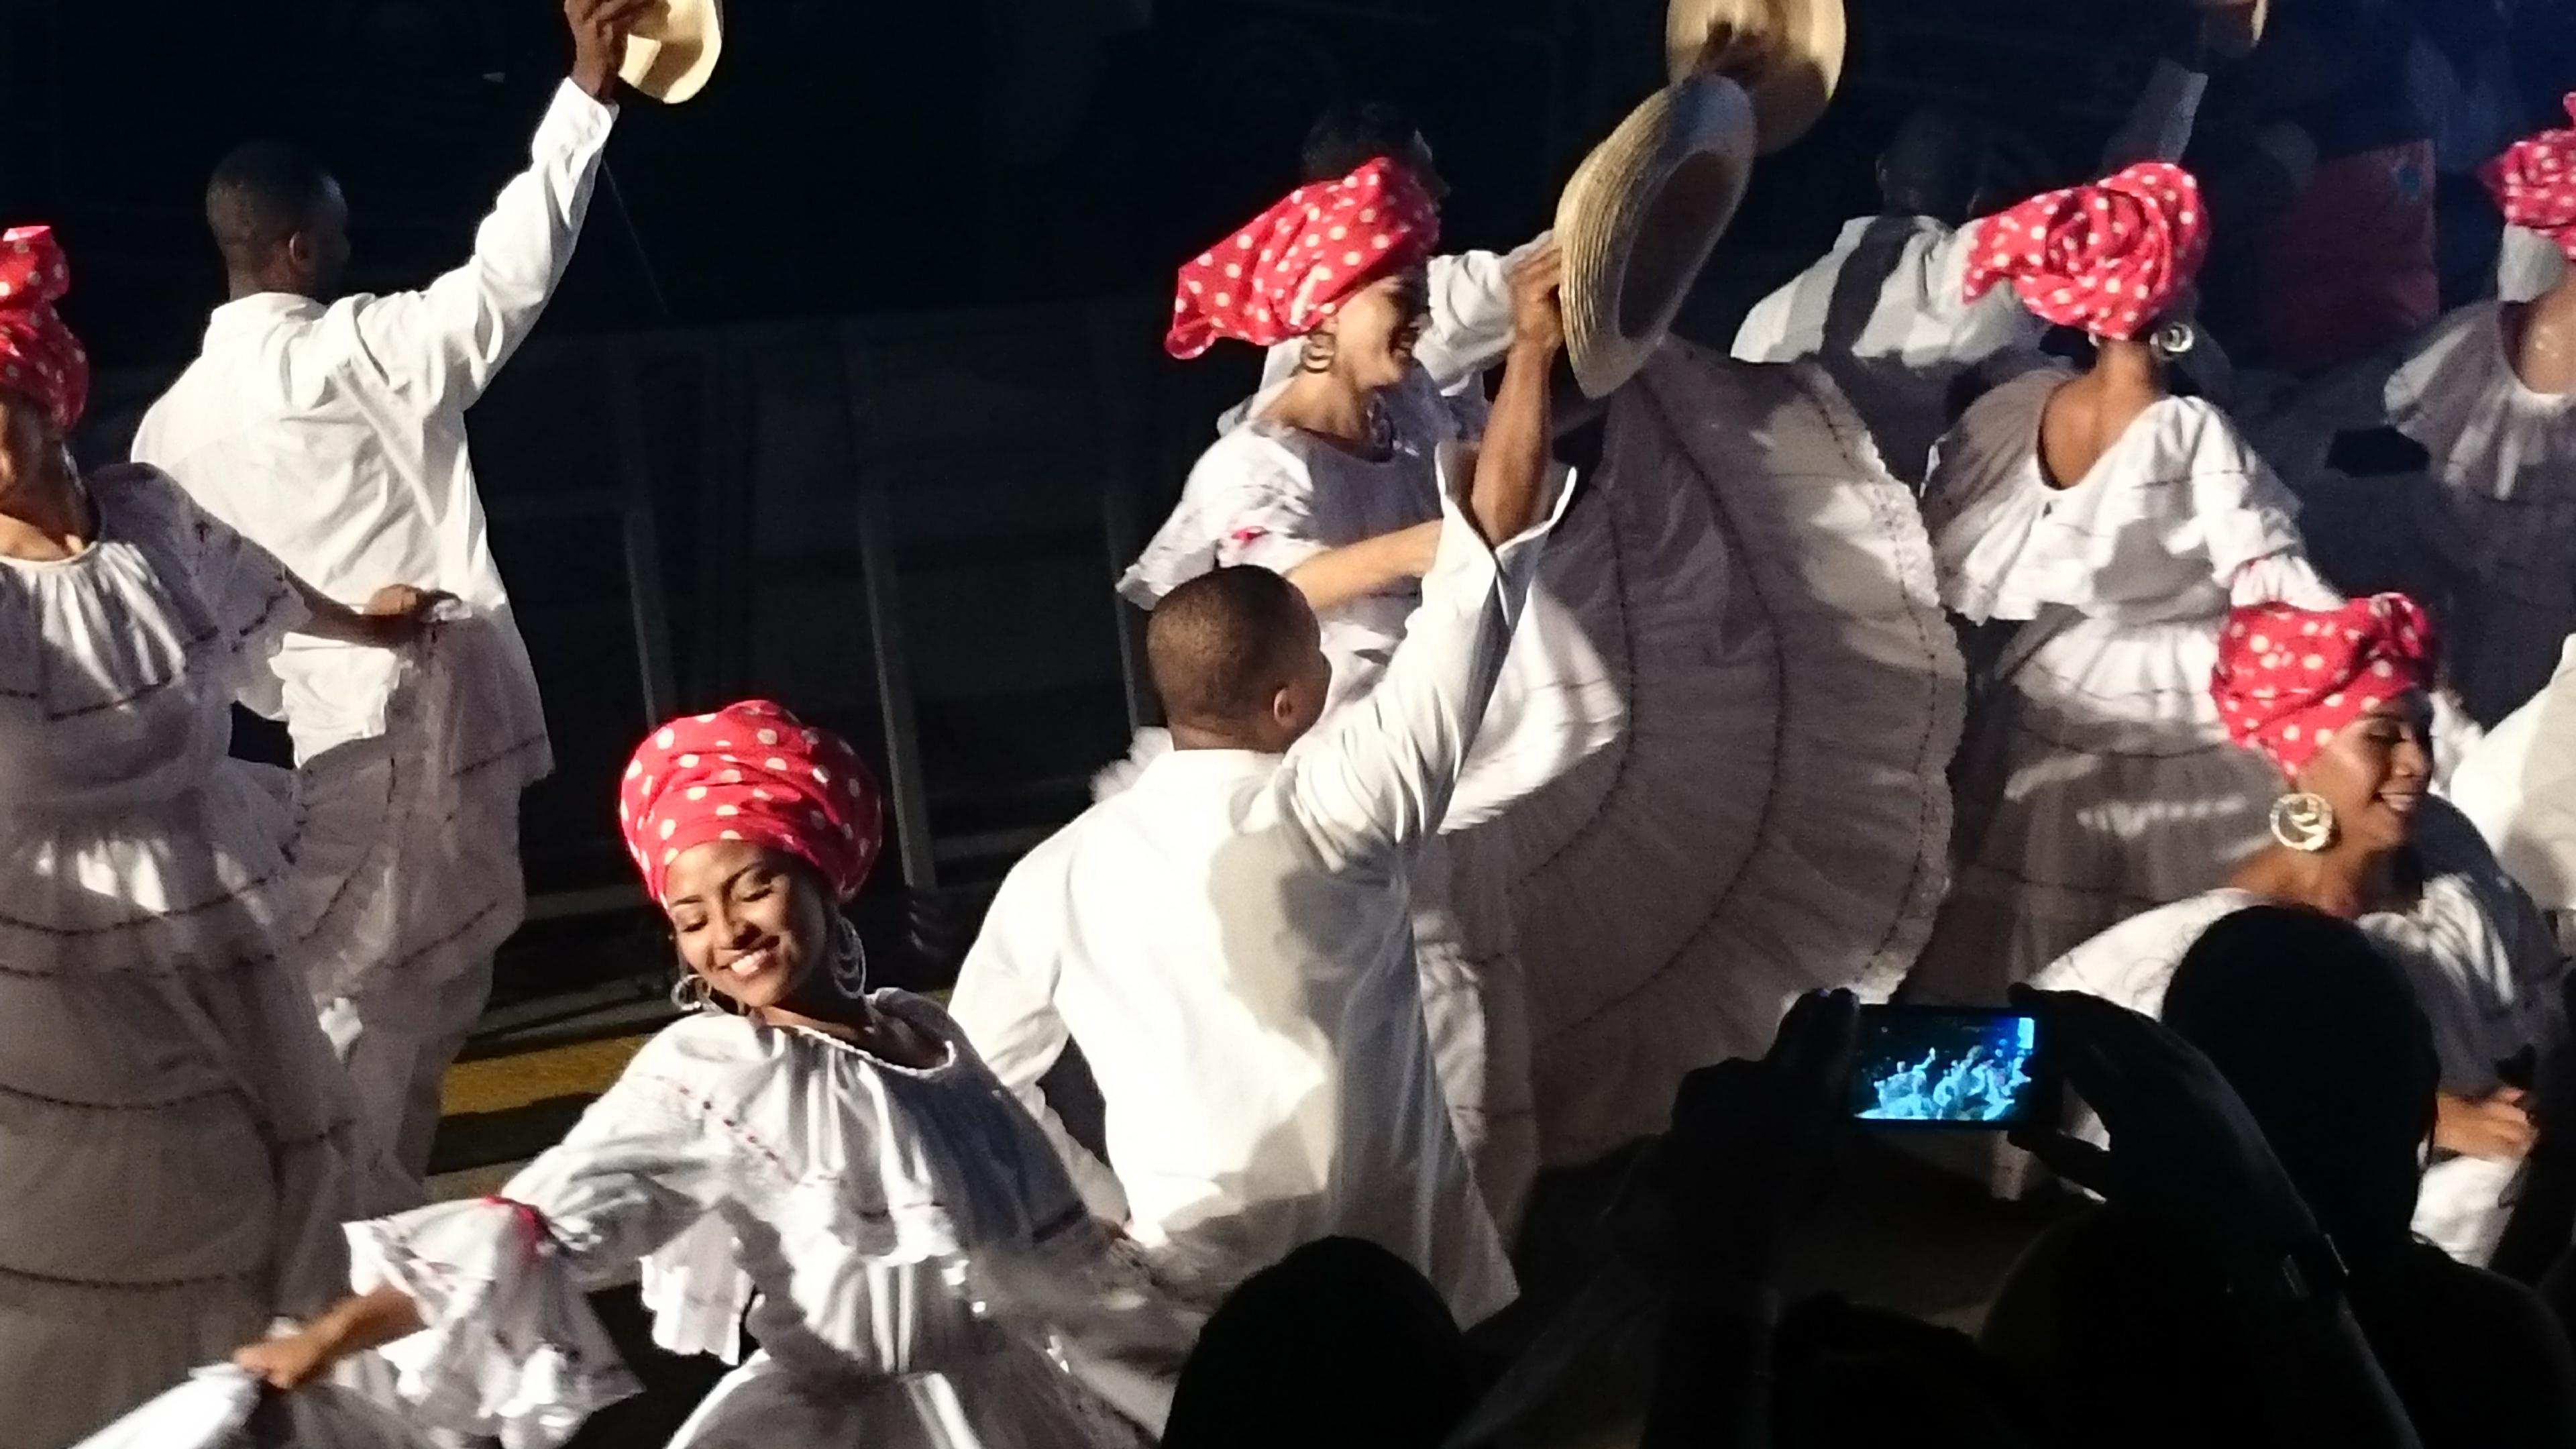 Currulao-Tänzer auf dem Festival Petronio Álvarez in Cali, August 2016